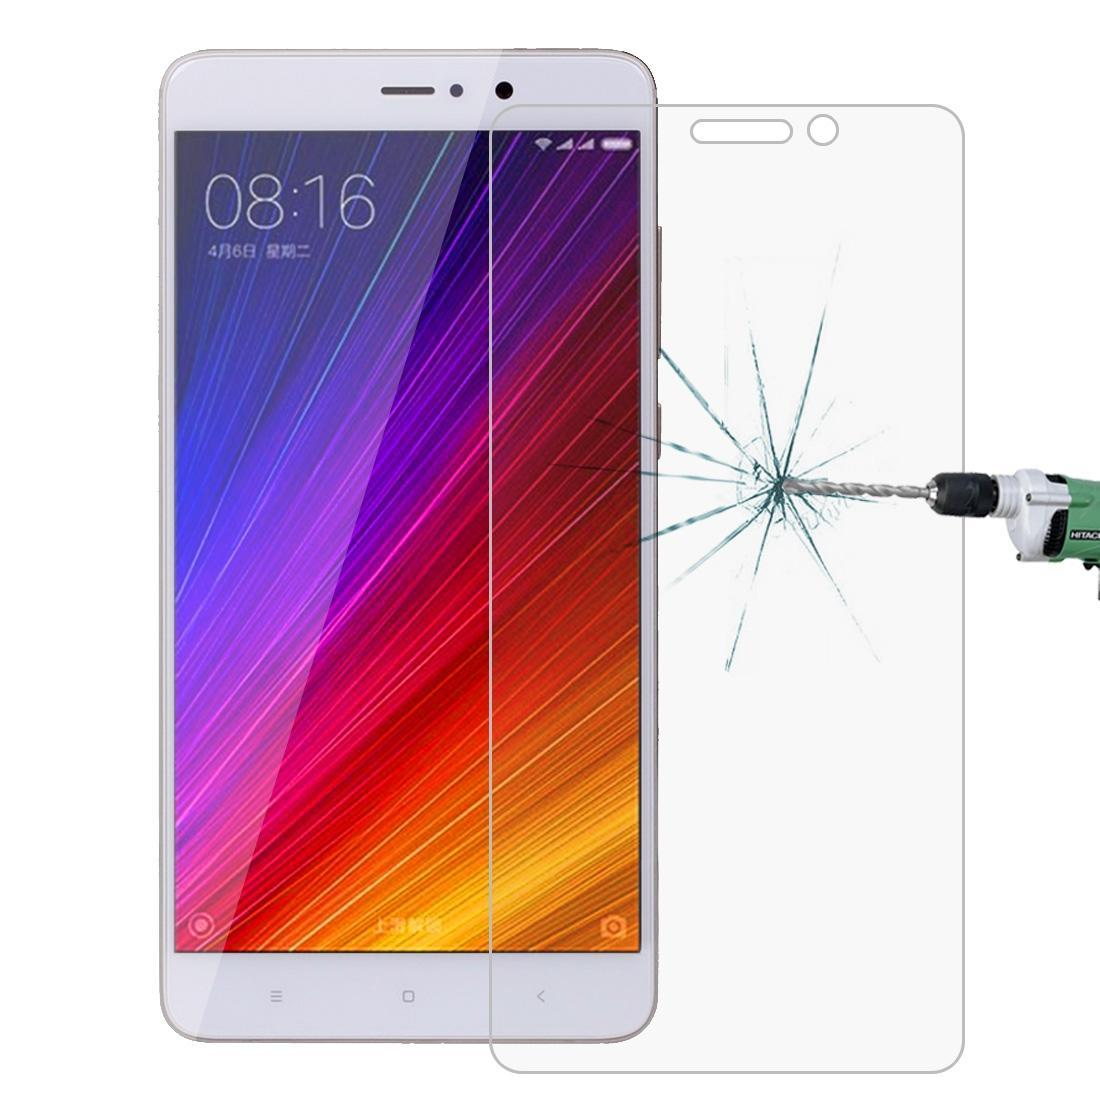 Für Xiaomi Mi 5s plus 0,26 mm 9H Oberflächenhärte 2.5D Explosionsgeschützte ausgeglichenen Glas-Schirm-Film